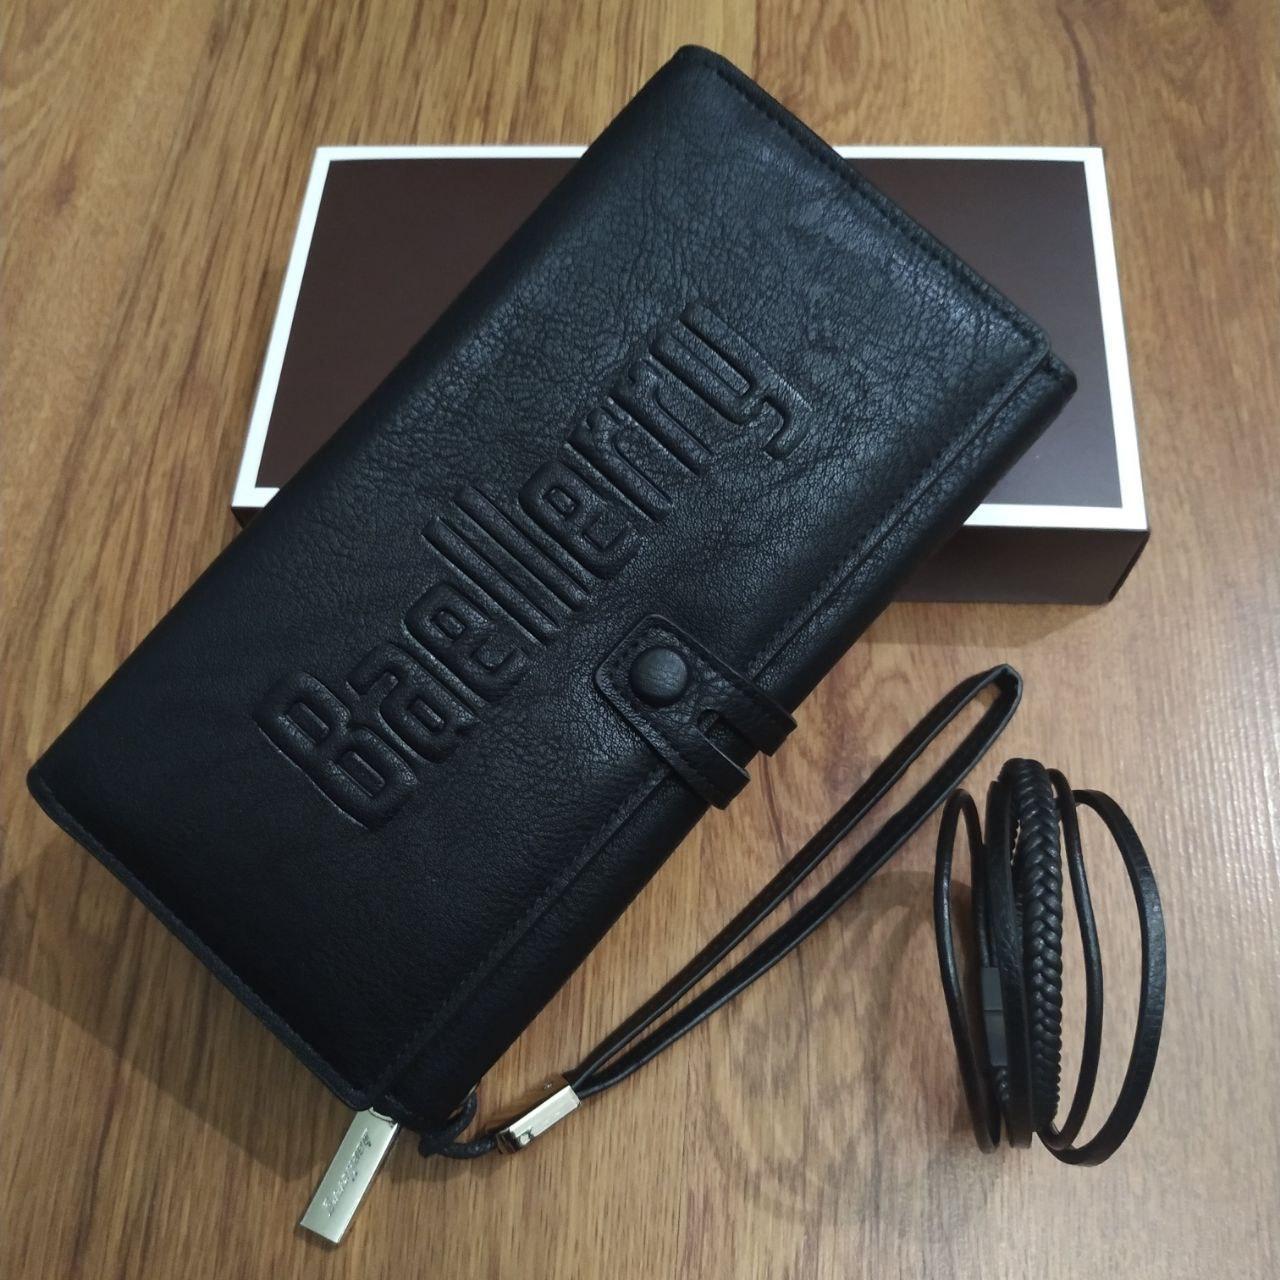 Подарочный набор №6. Мужской клатч (бумажник) Baellerry Guero + мужской браслет из кожи Wicker